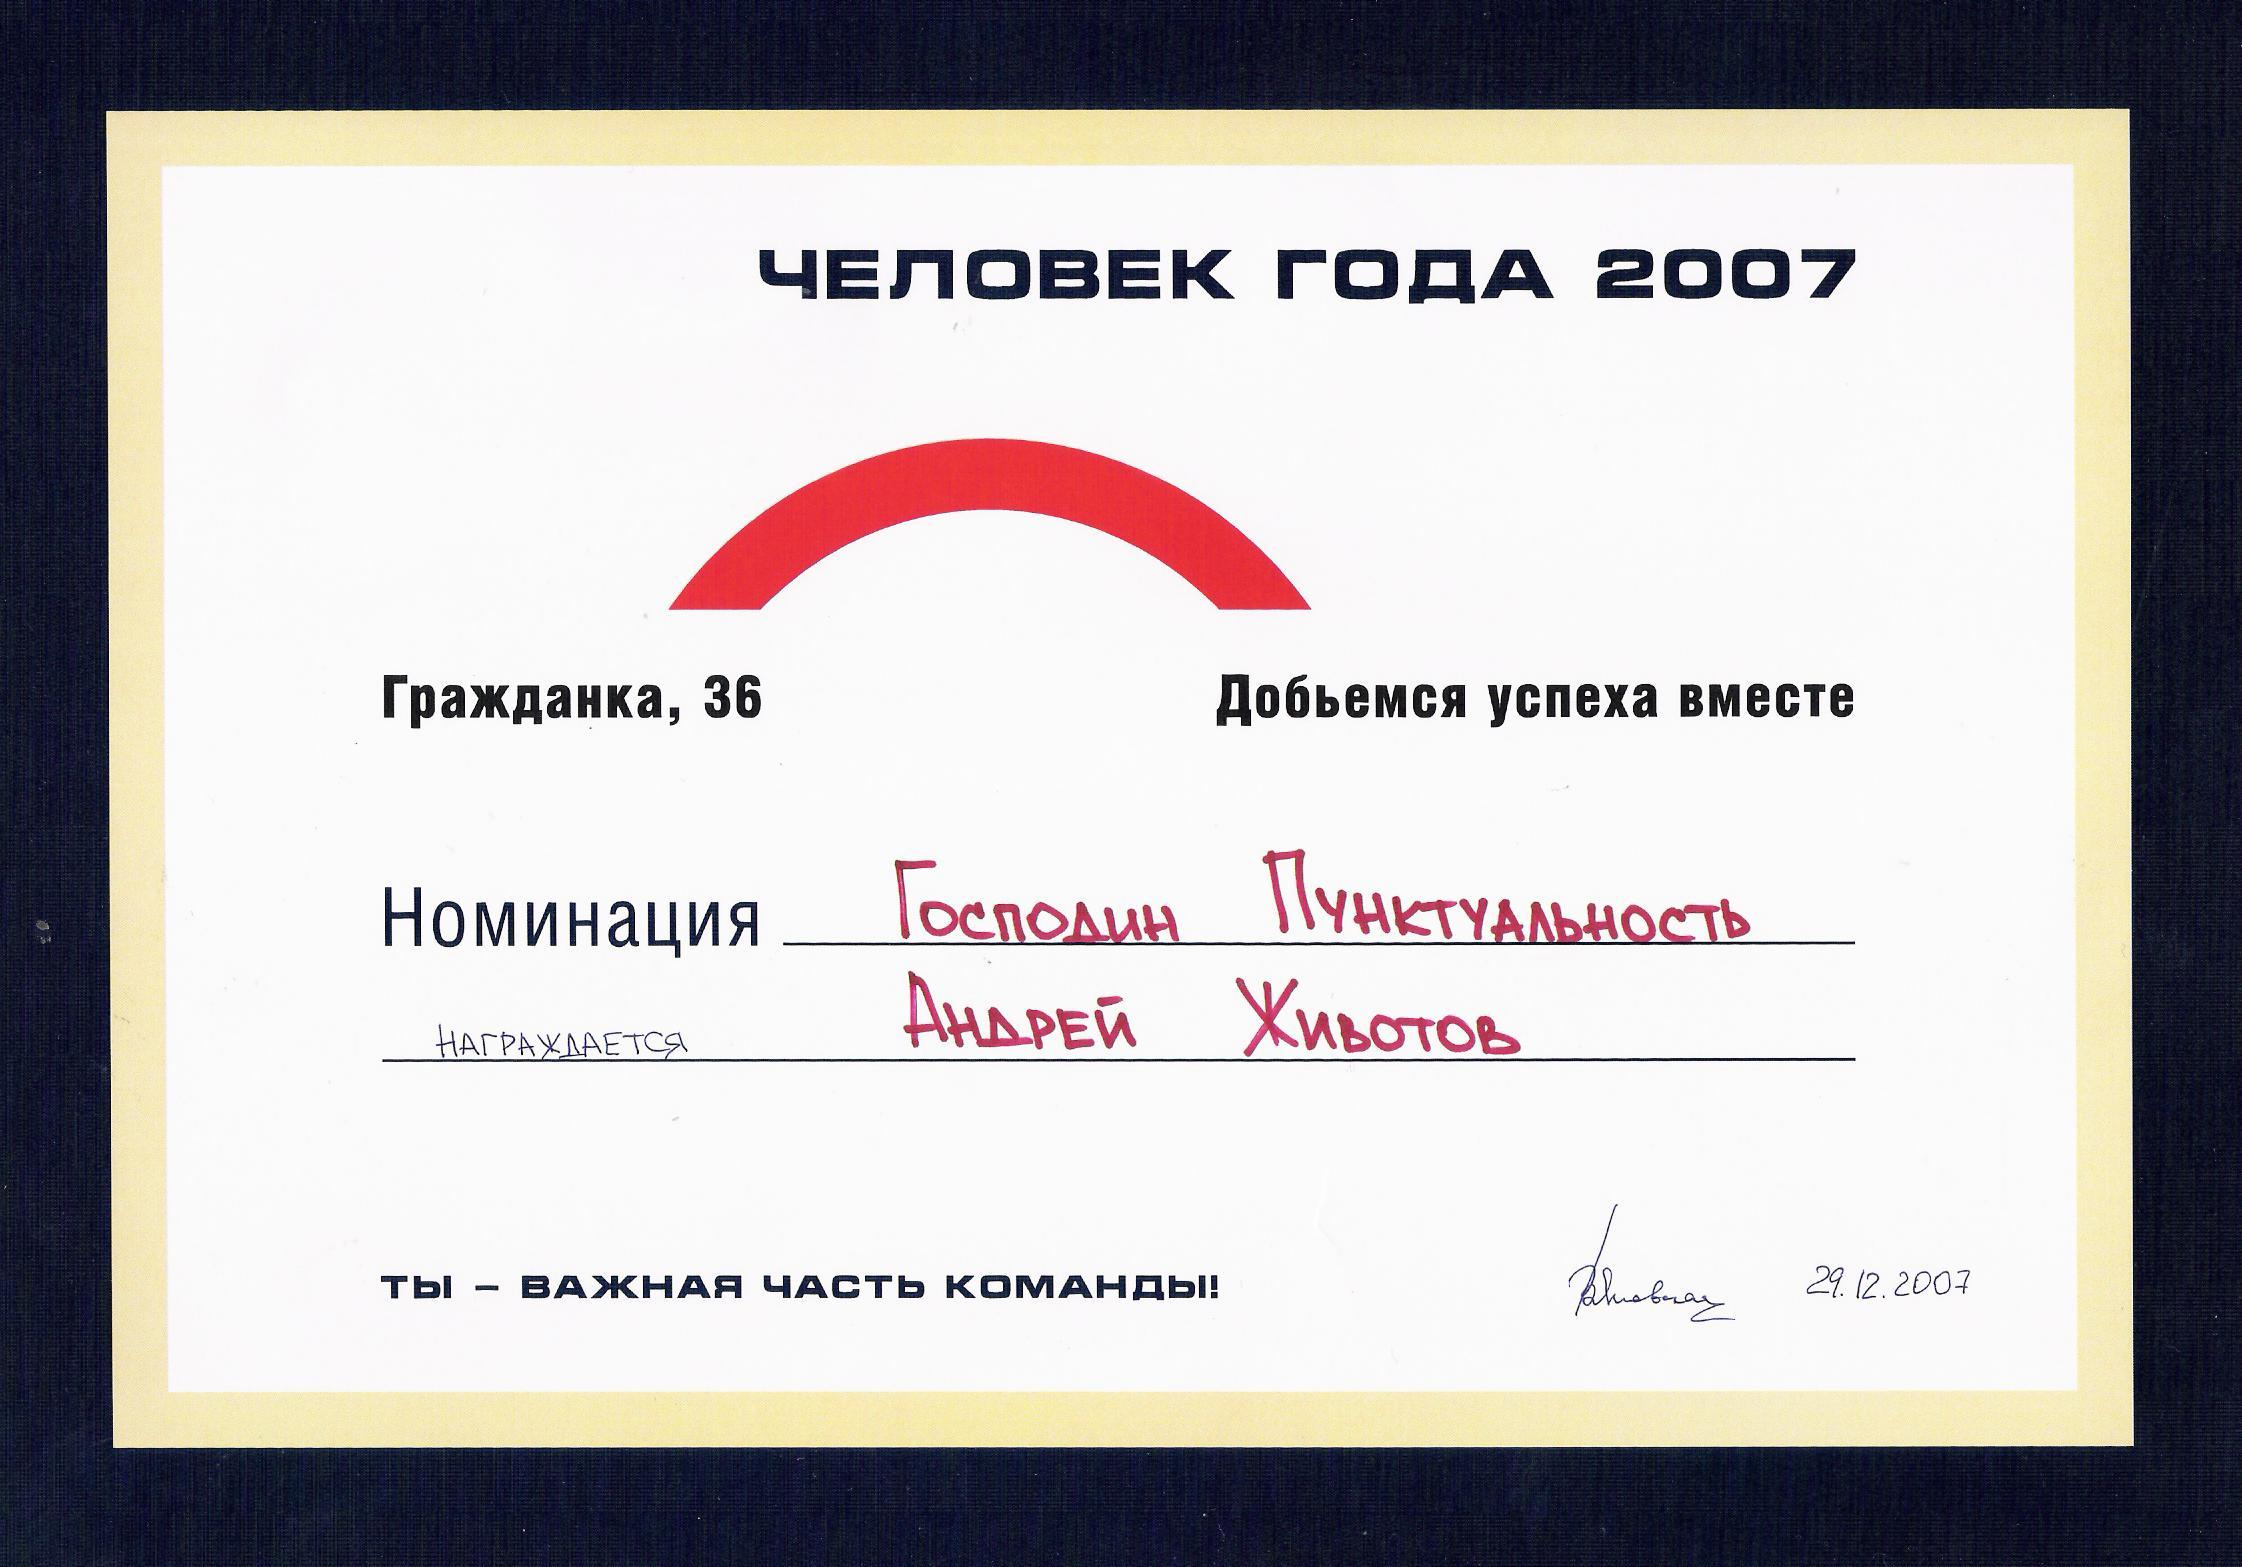 Ситибанк Zhivotov Viktoriya Yanovskaya